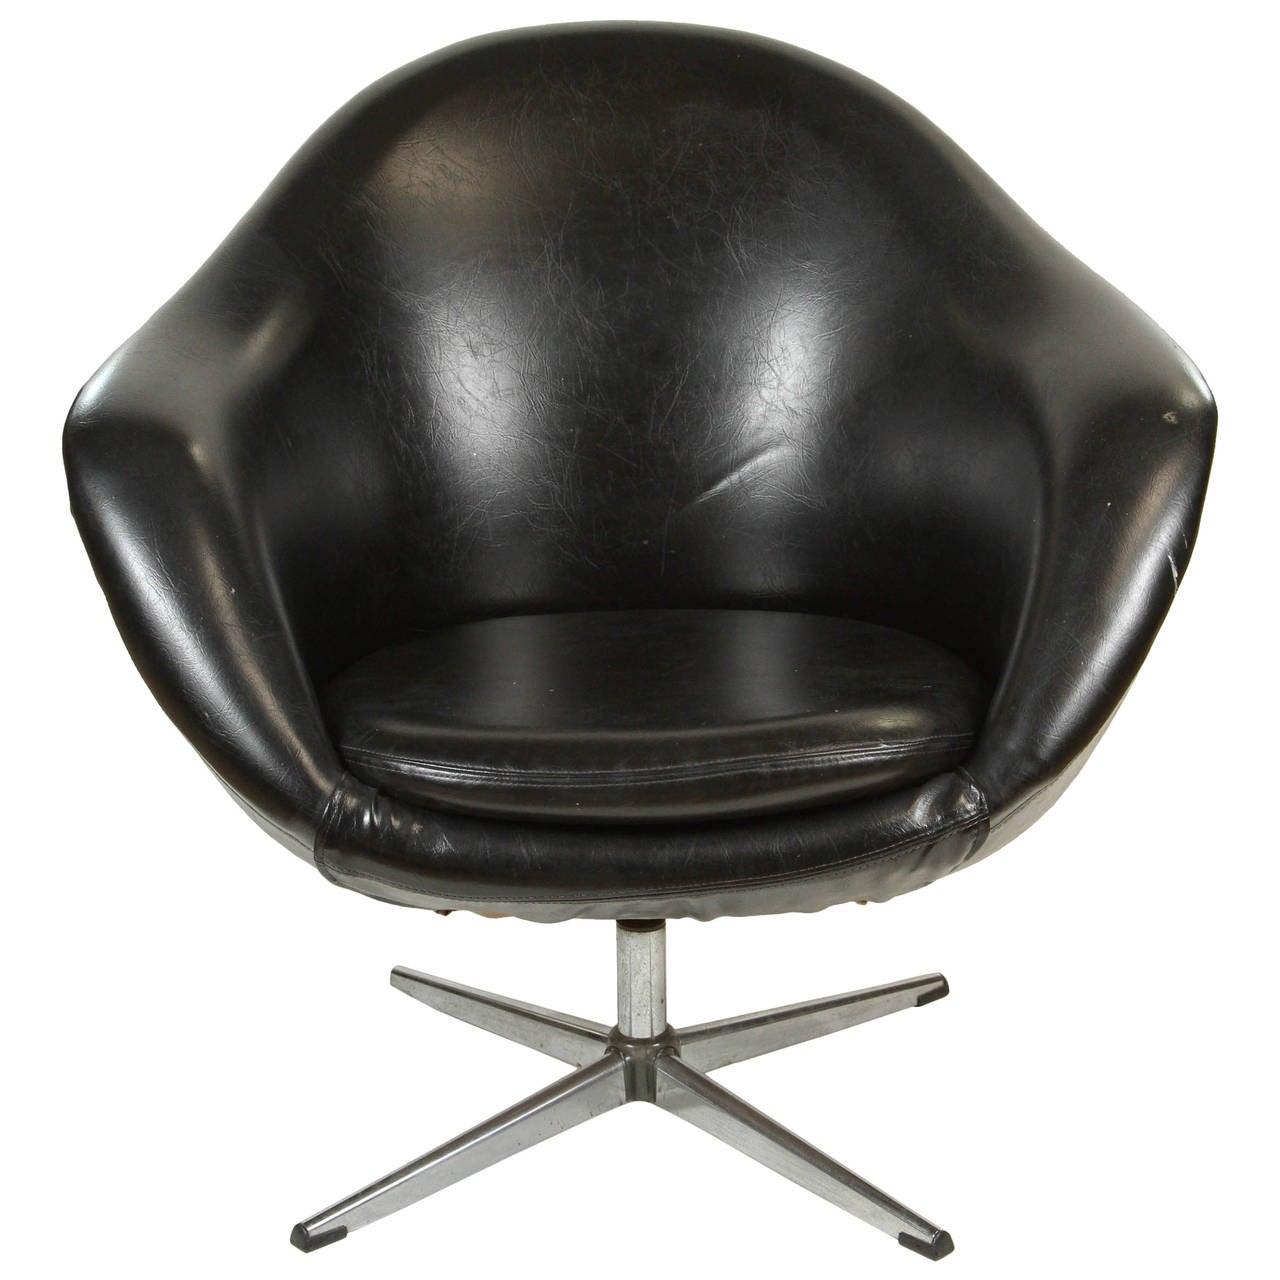 1960s Swivel Egg Chair in Black Vinyl at 1stdibs